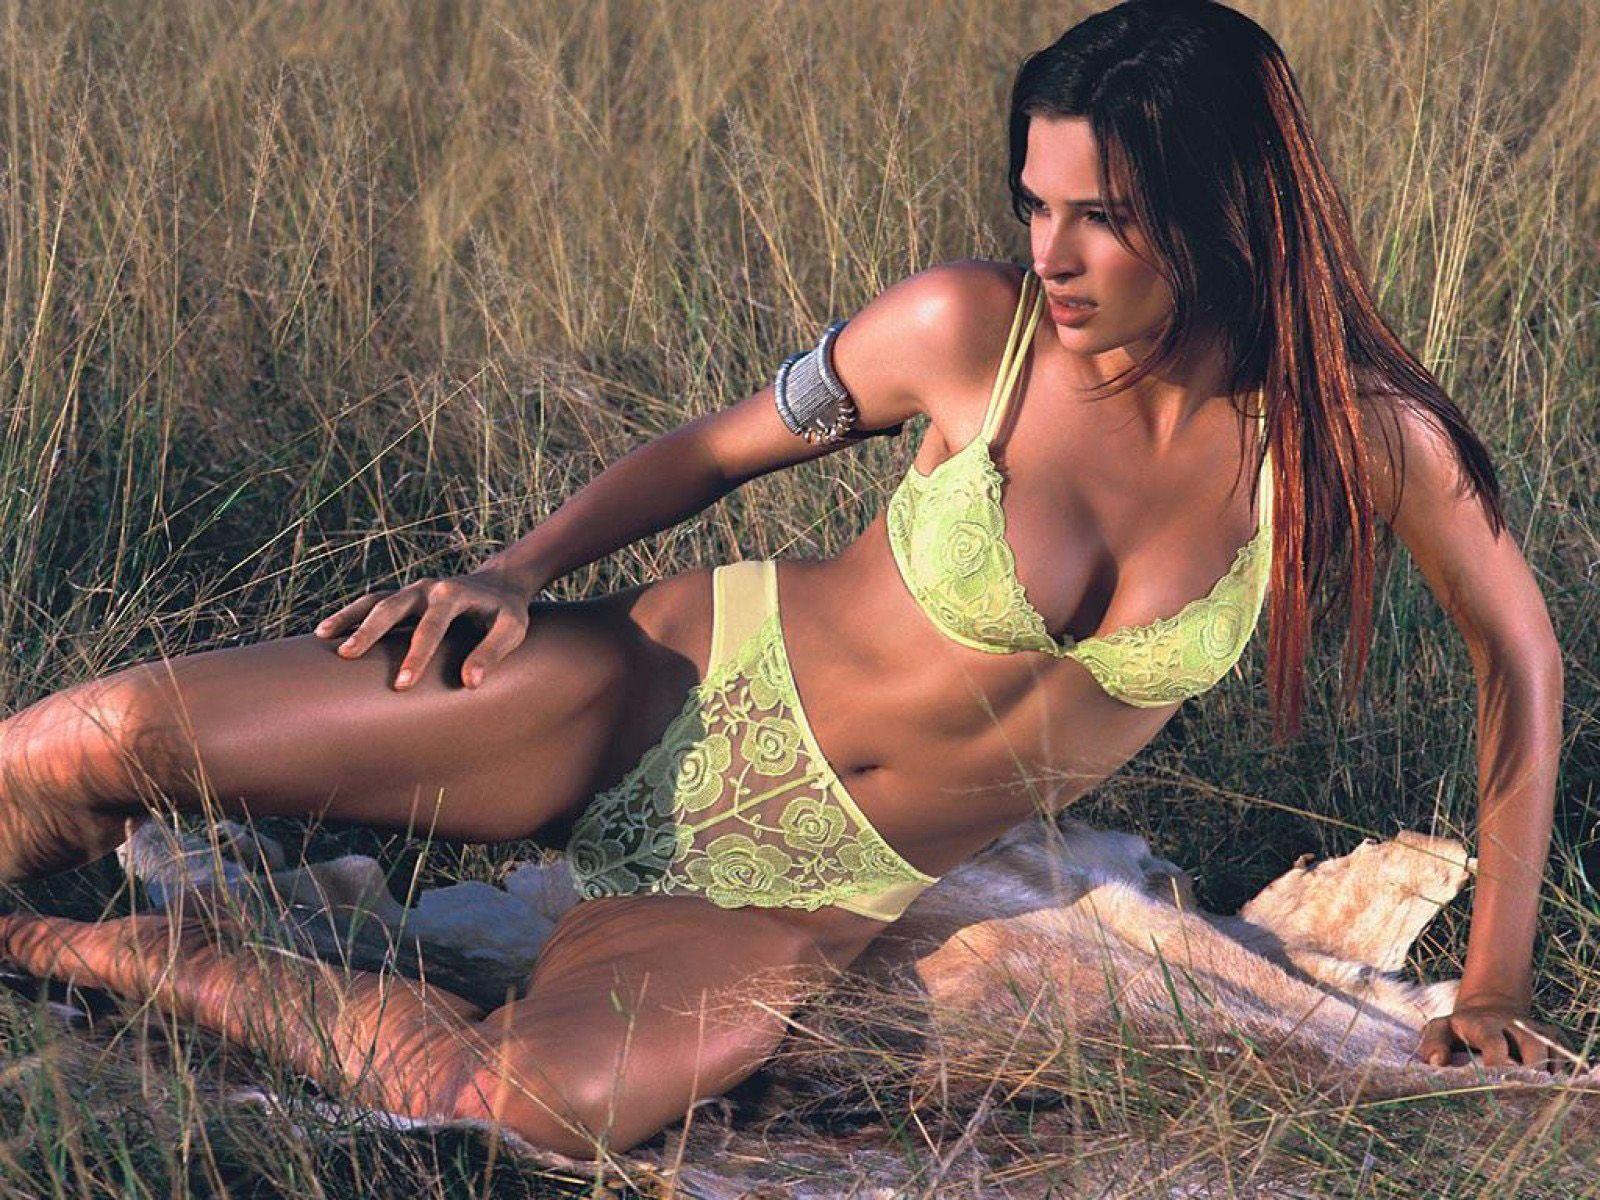 Plus beau cul photos nues dans le monde #sexy #sexe #nu #chaud